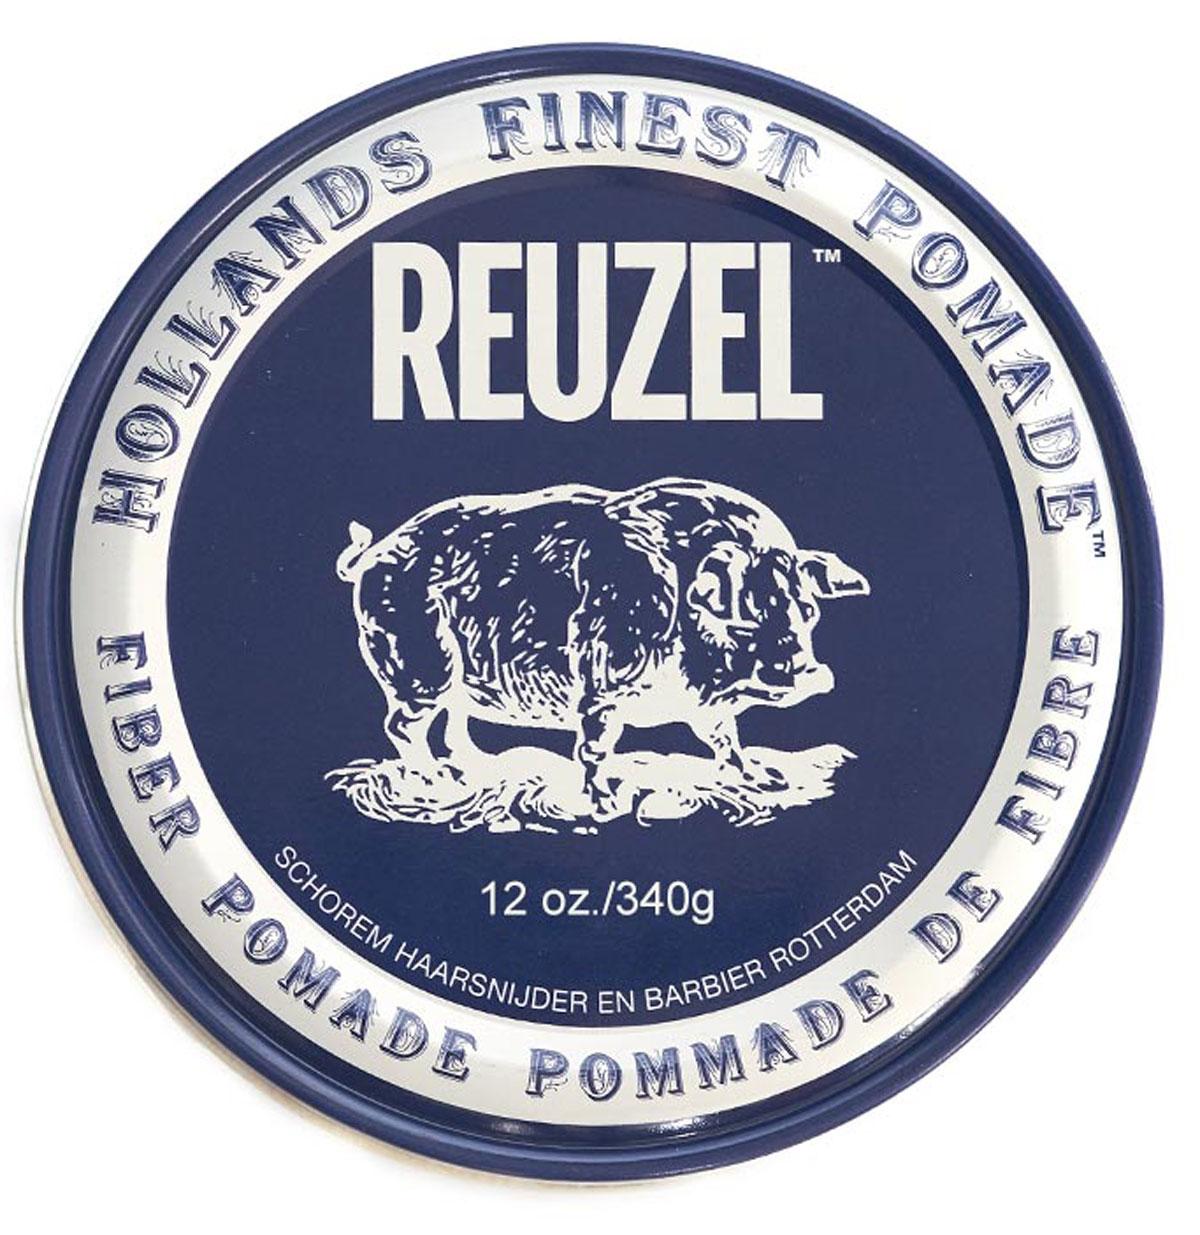 Reuzel паста для укладки волос, темно-синяя банка 340 грMP59.4DFiber Pomade – это помада в темно-синей банке на водной основе. Создает текстурированную укладку, которая долго продержится, но при этом является подвижной. Низкая степень блеска и средняя фиксация. Помада лучше всего работает на коротких волосах, также отлично походит для плотных волос средней длины. Fiber Pomade поможет создать стиль легкой небрежности, будто вы только встали с кровати, но уже готовы покорять этот мир.